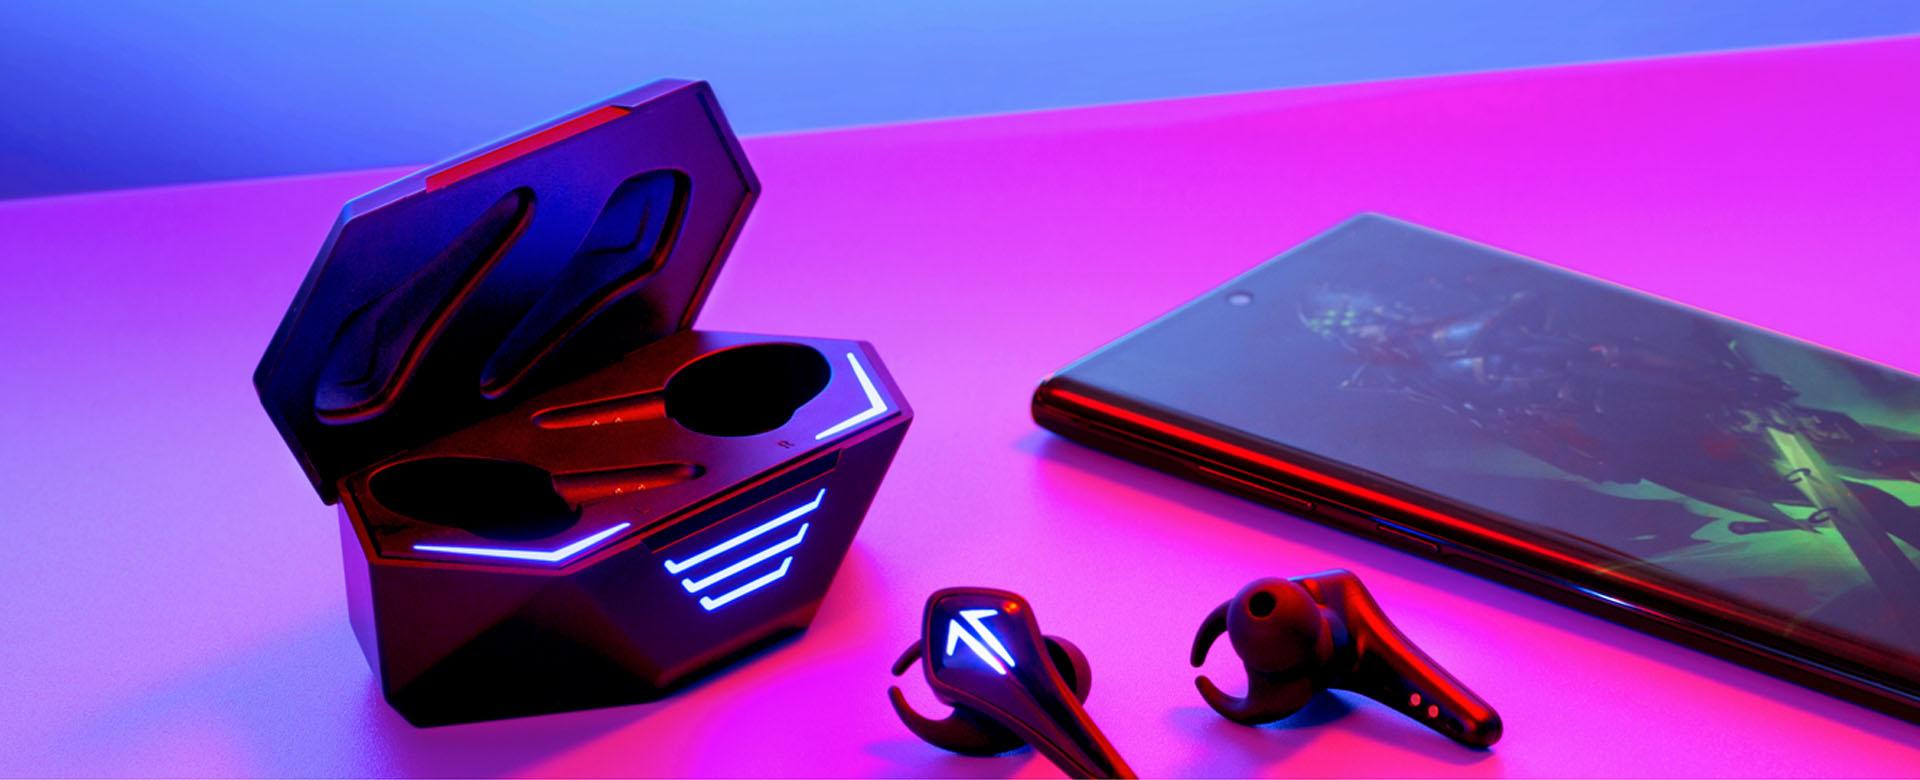 หูฟังไร้สาย Saramonic SR-BH60-B Gaming True Wireless รีวิว